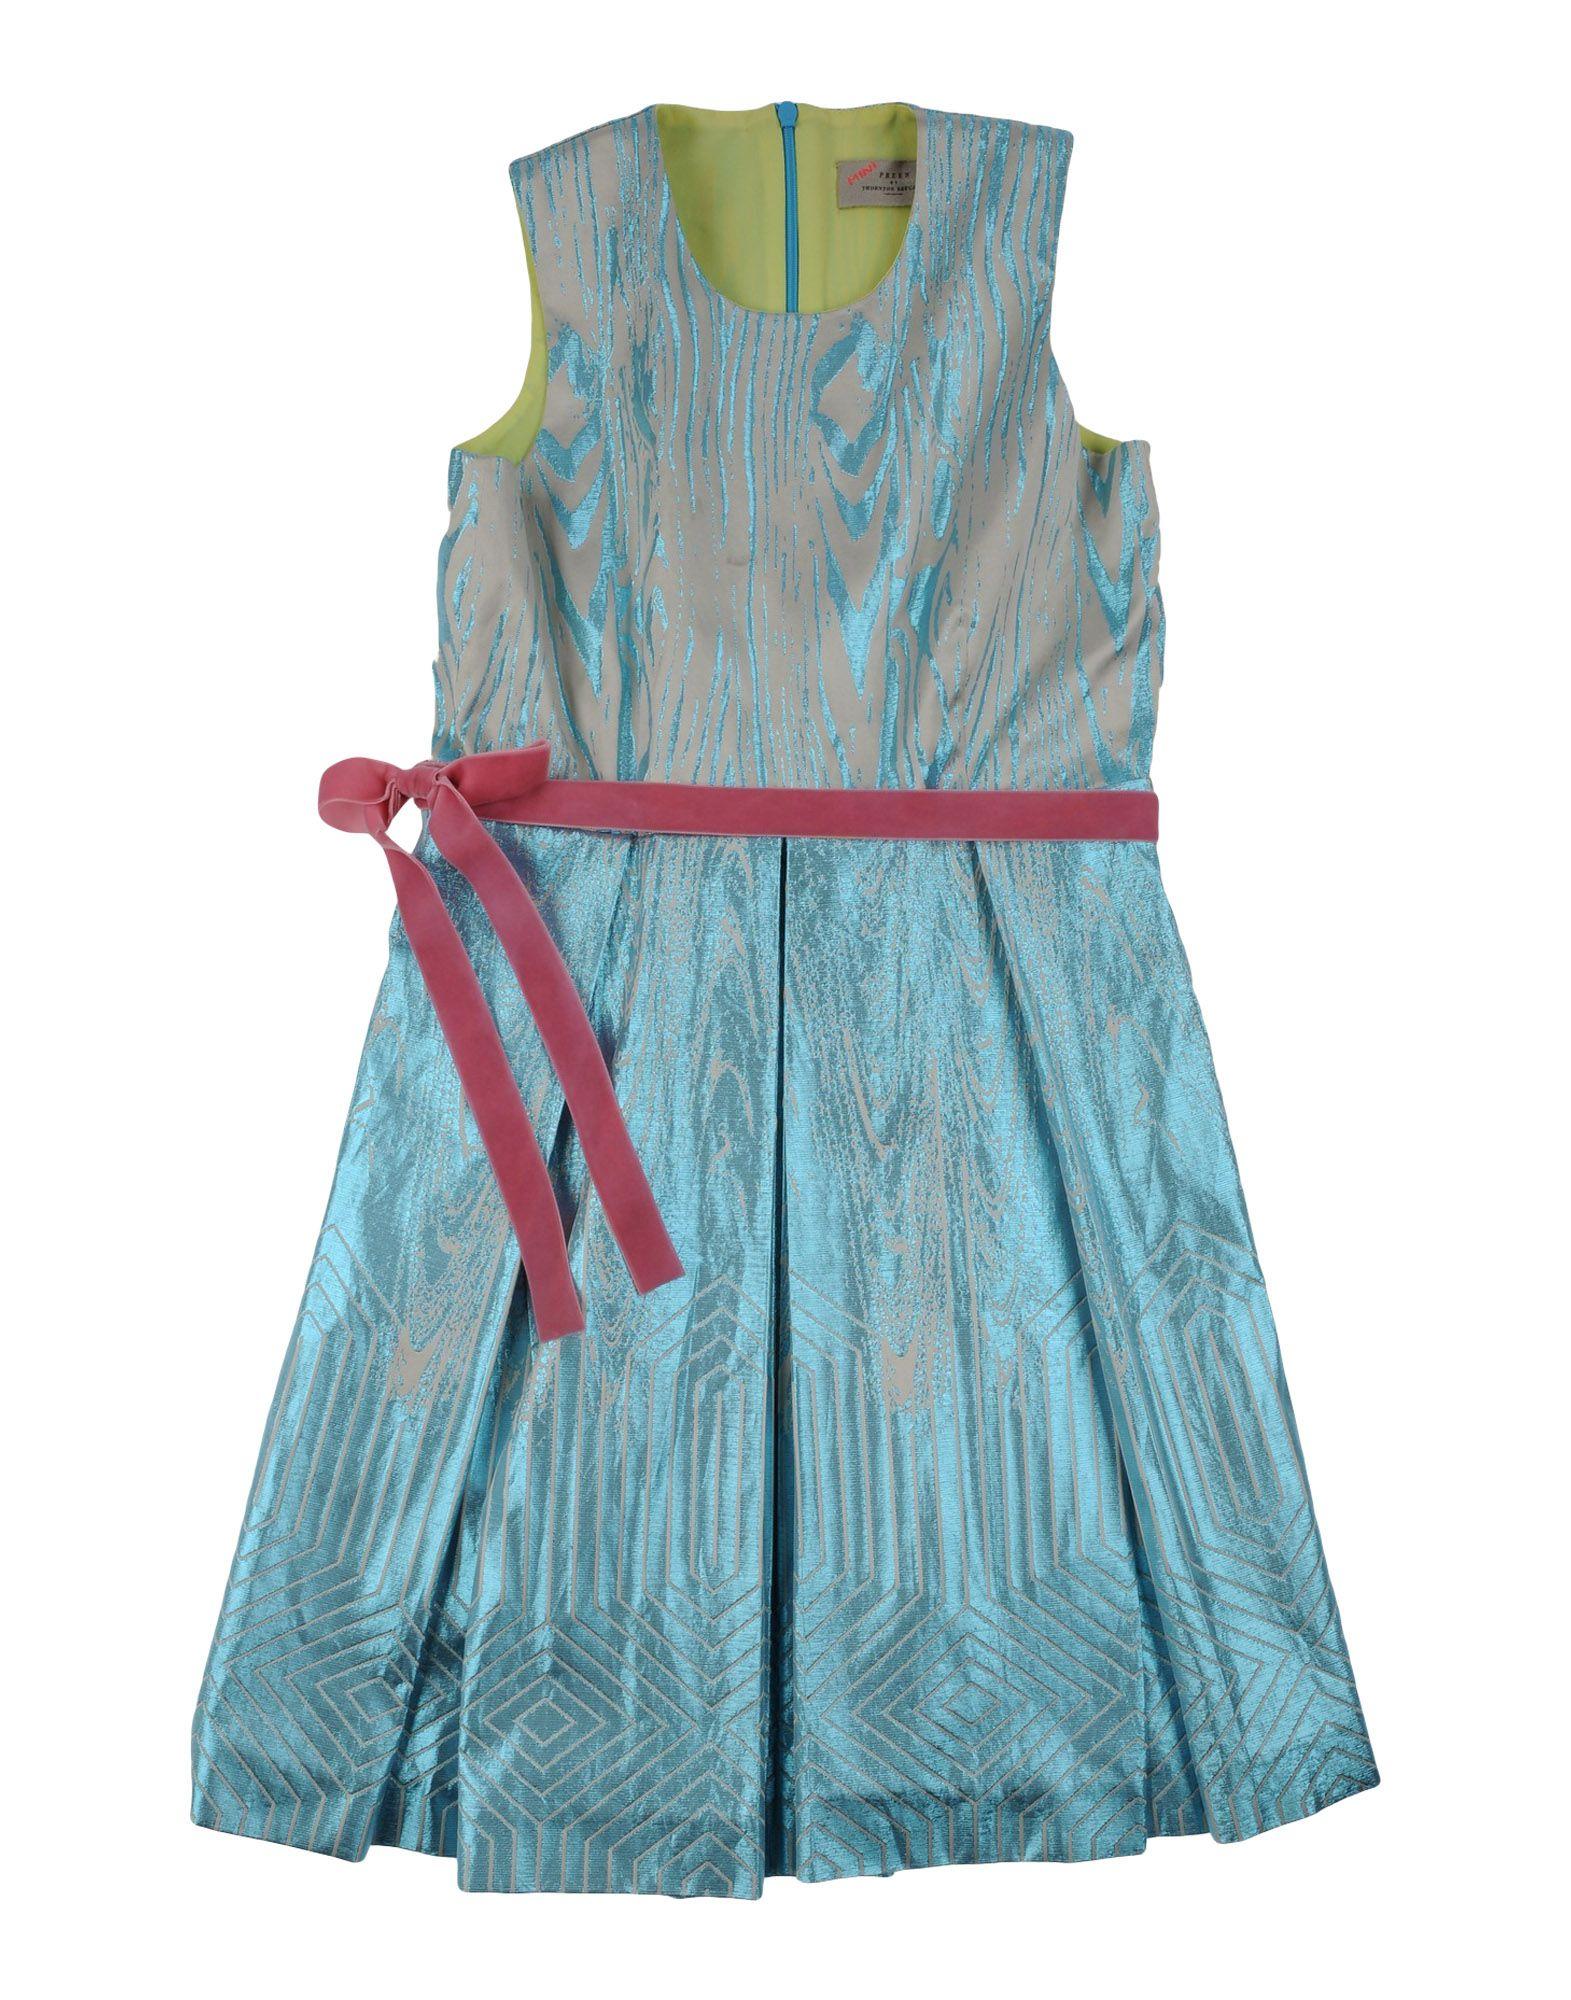 PREEN by THORNTON BREGAZZI Mädchen 9-16 jahre Kleid Farbe Azurblau Größe 2